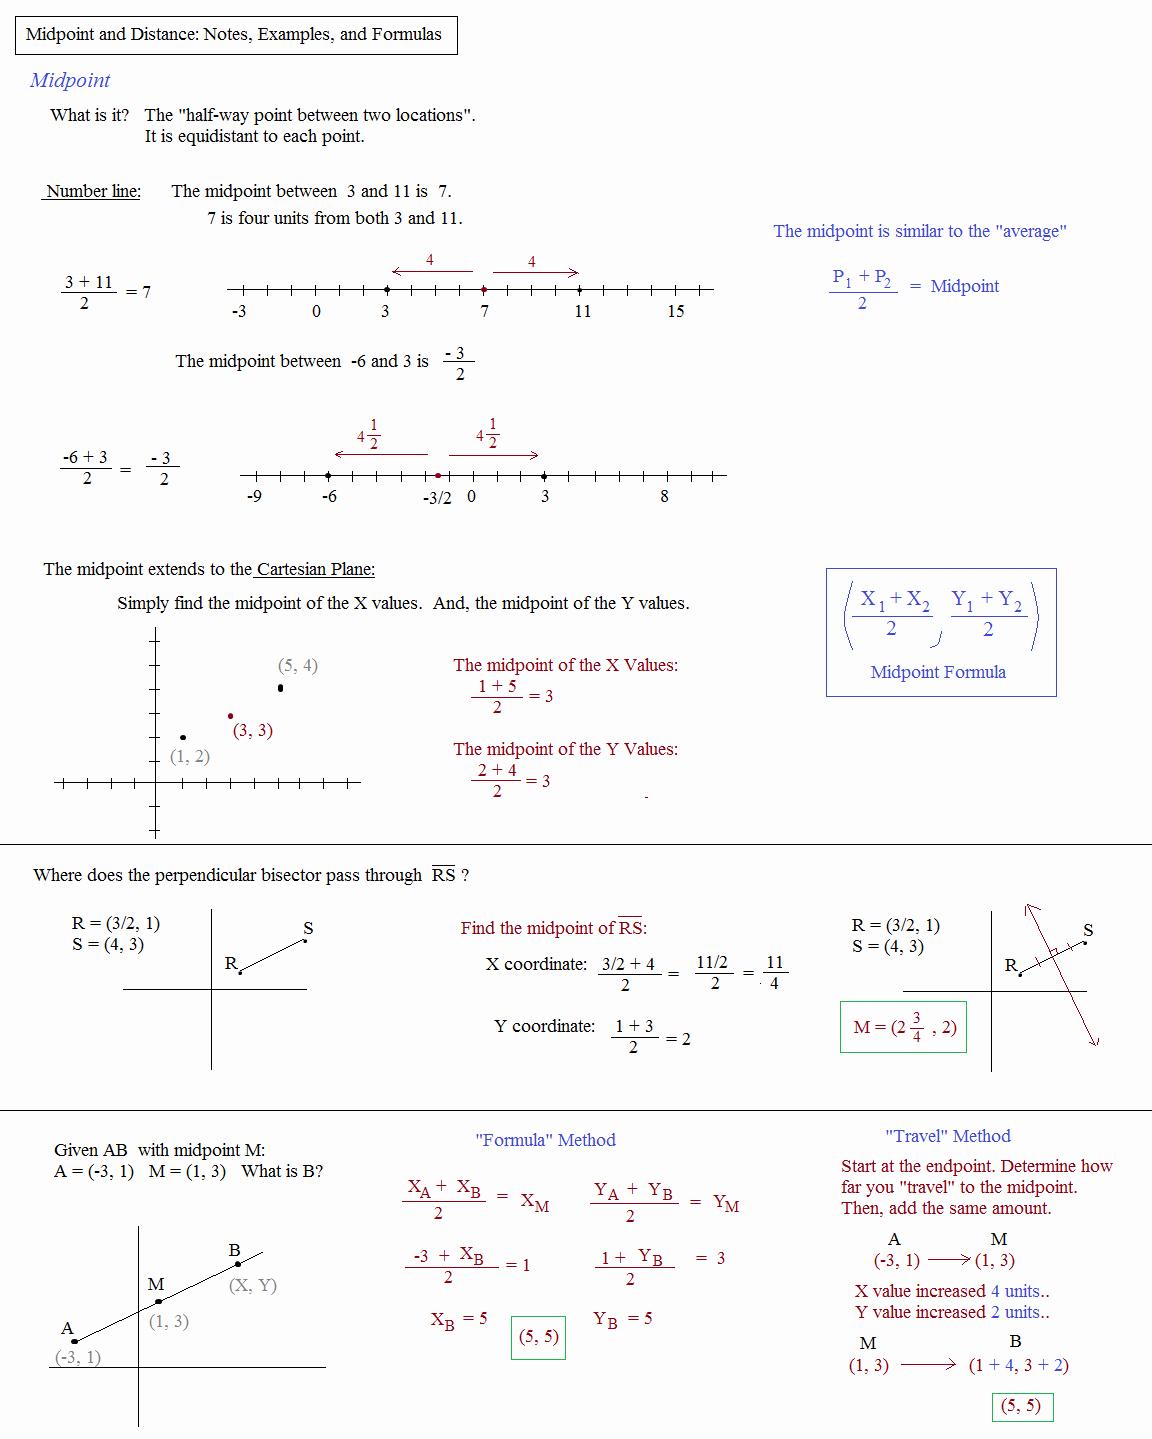 Distance formula Word Problems Worksheet Unique Distance formula Word Problems Worksheet the Best